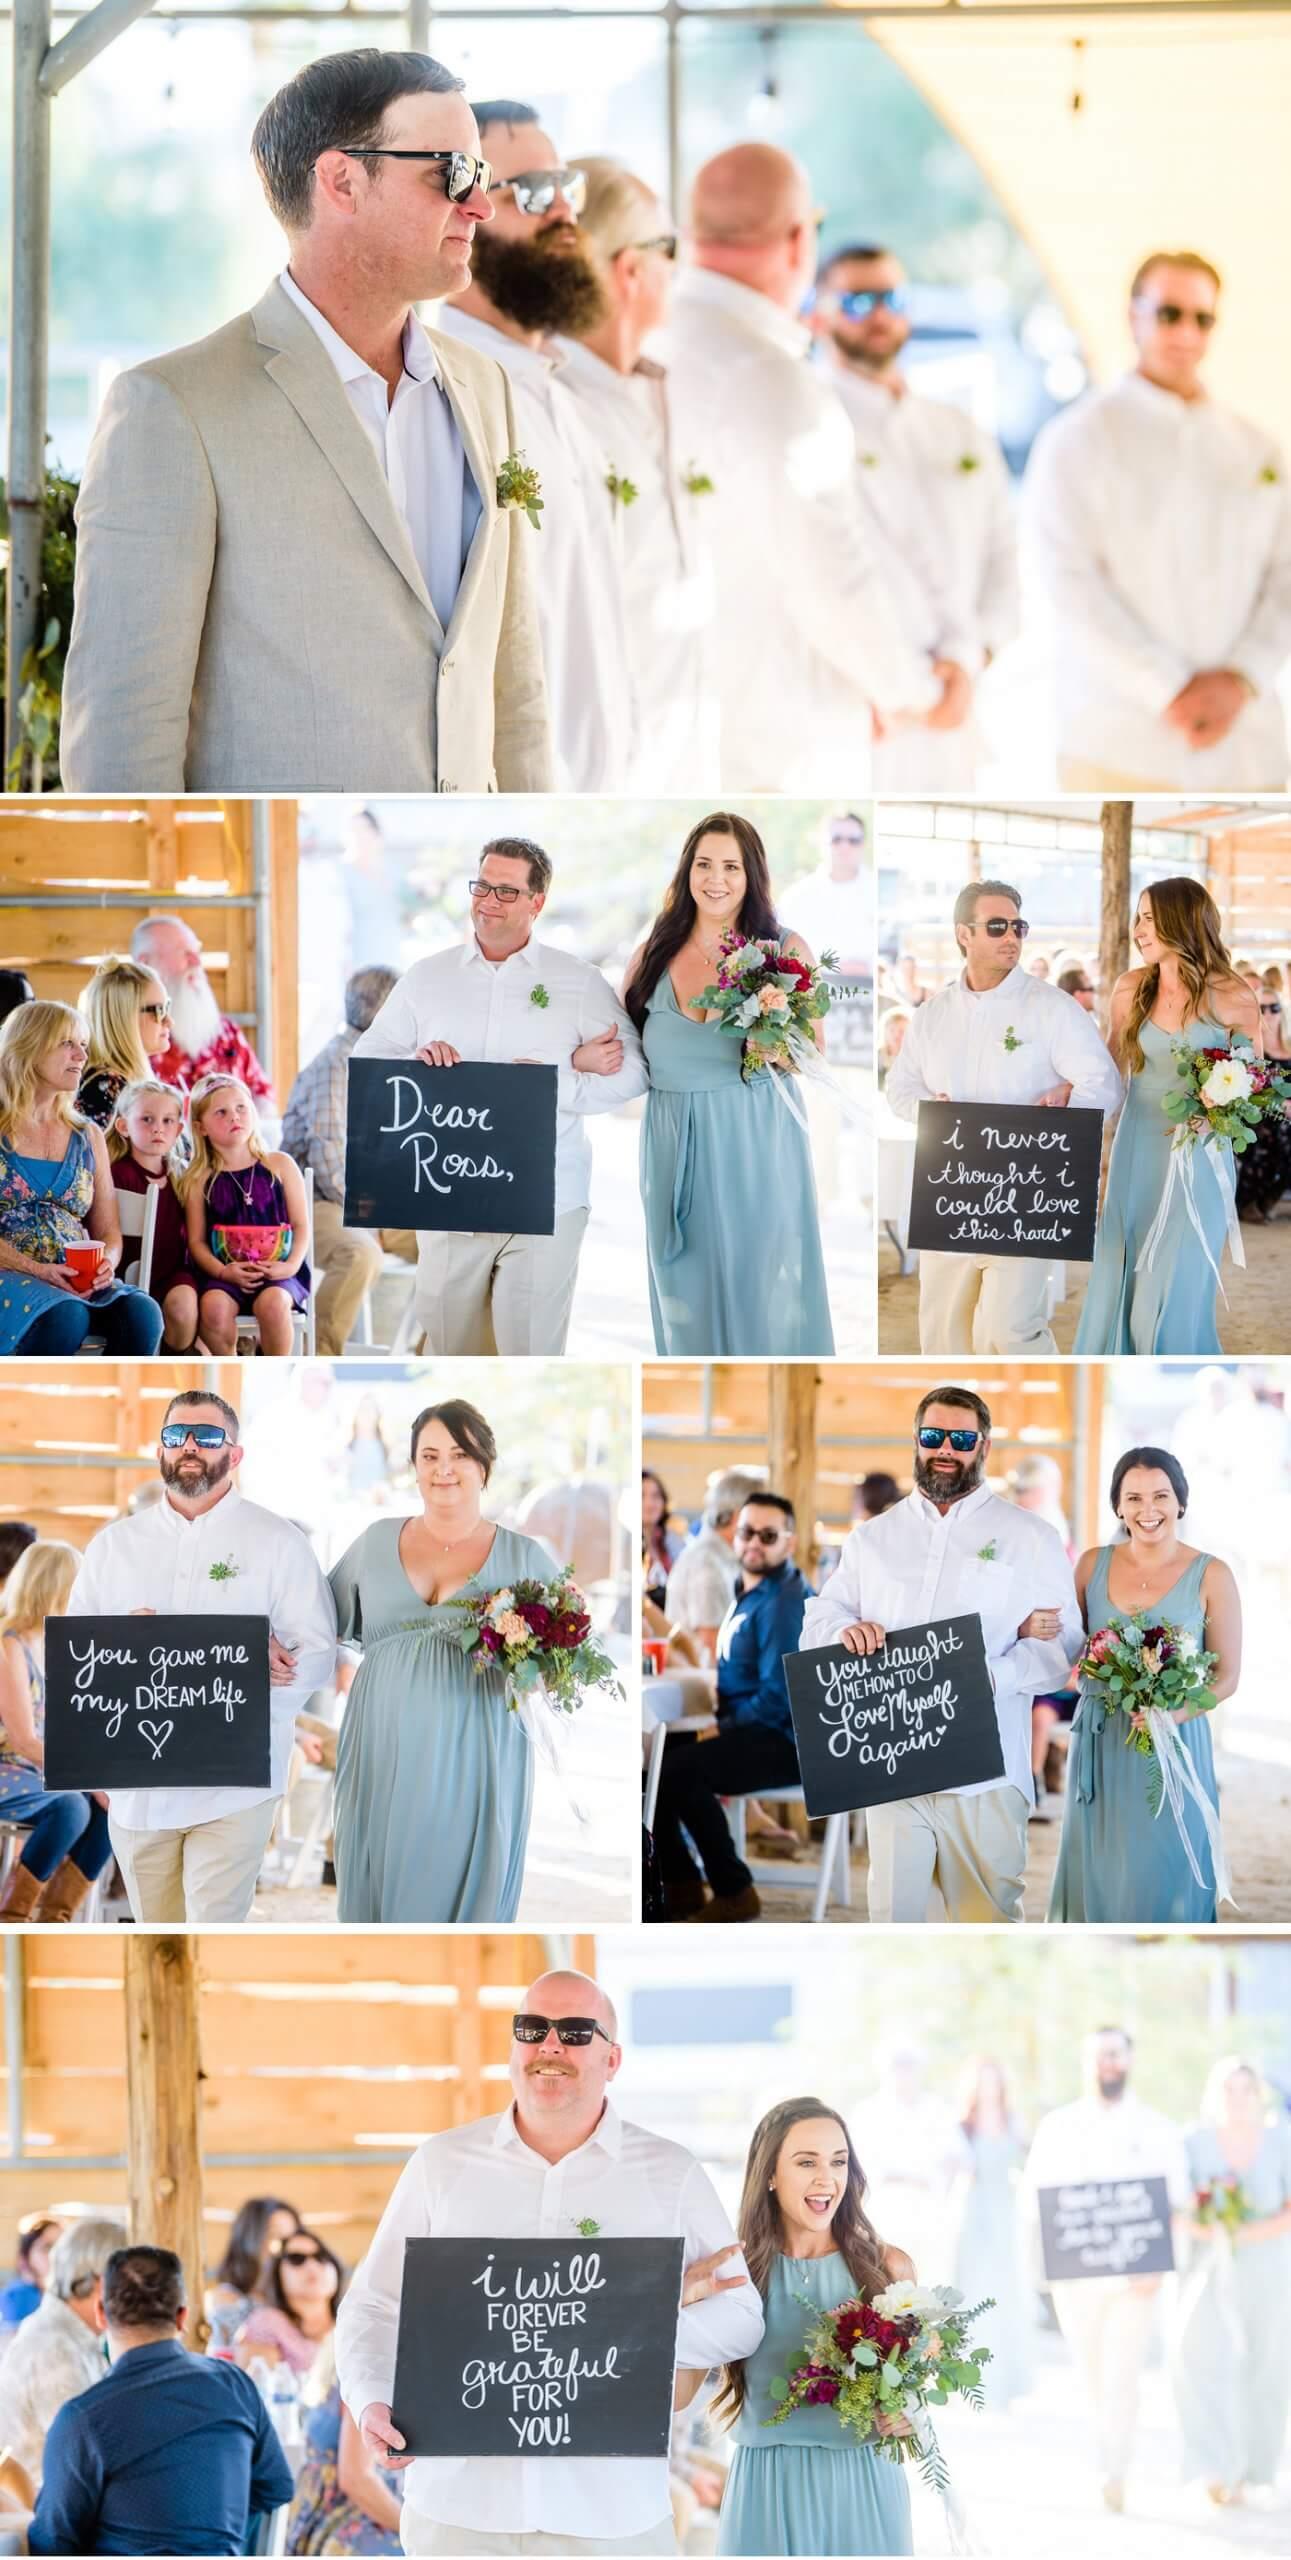 Überraschung für Bräutigam